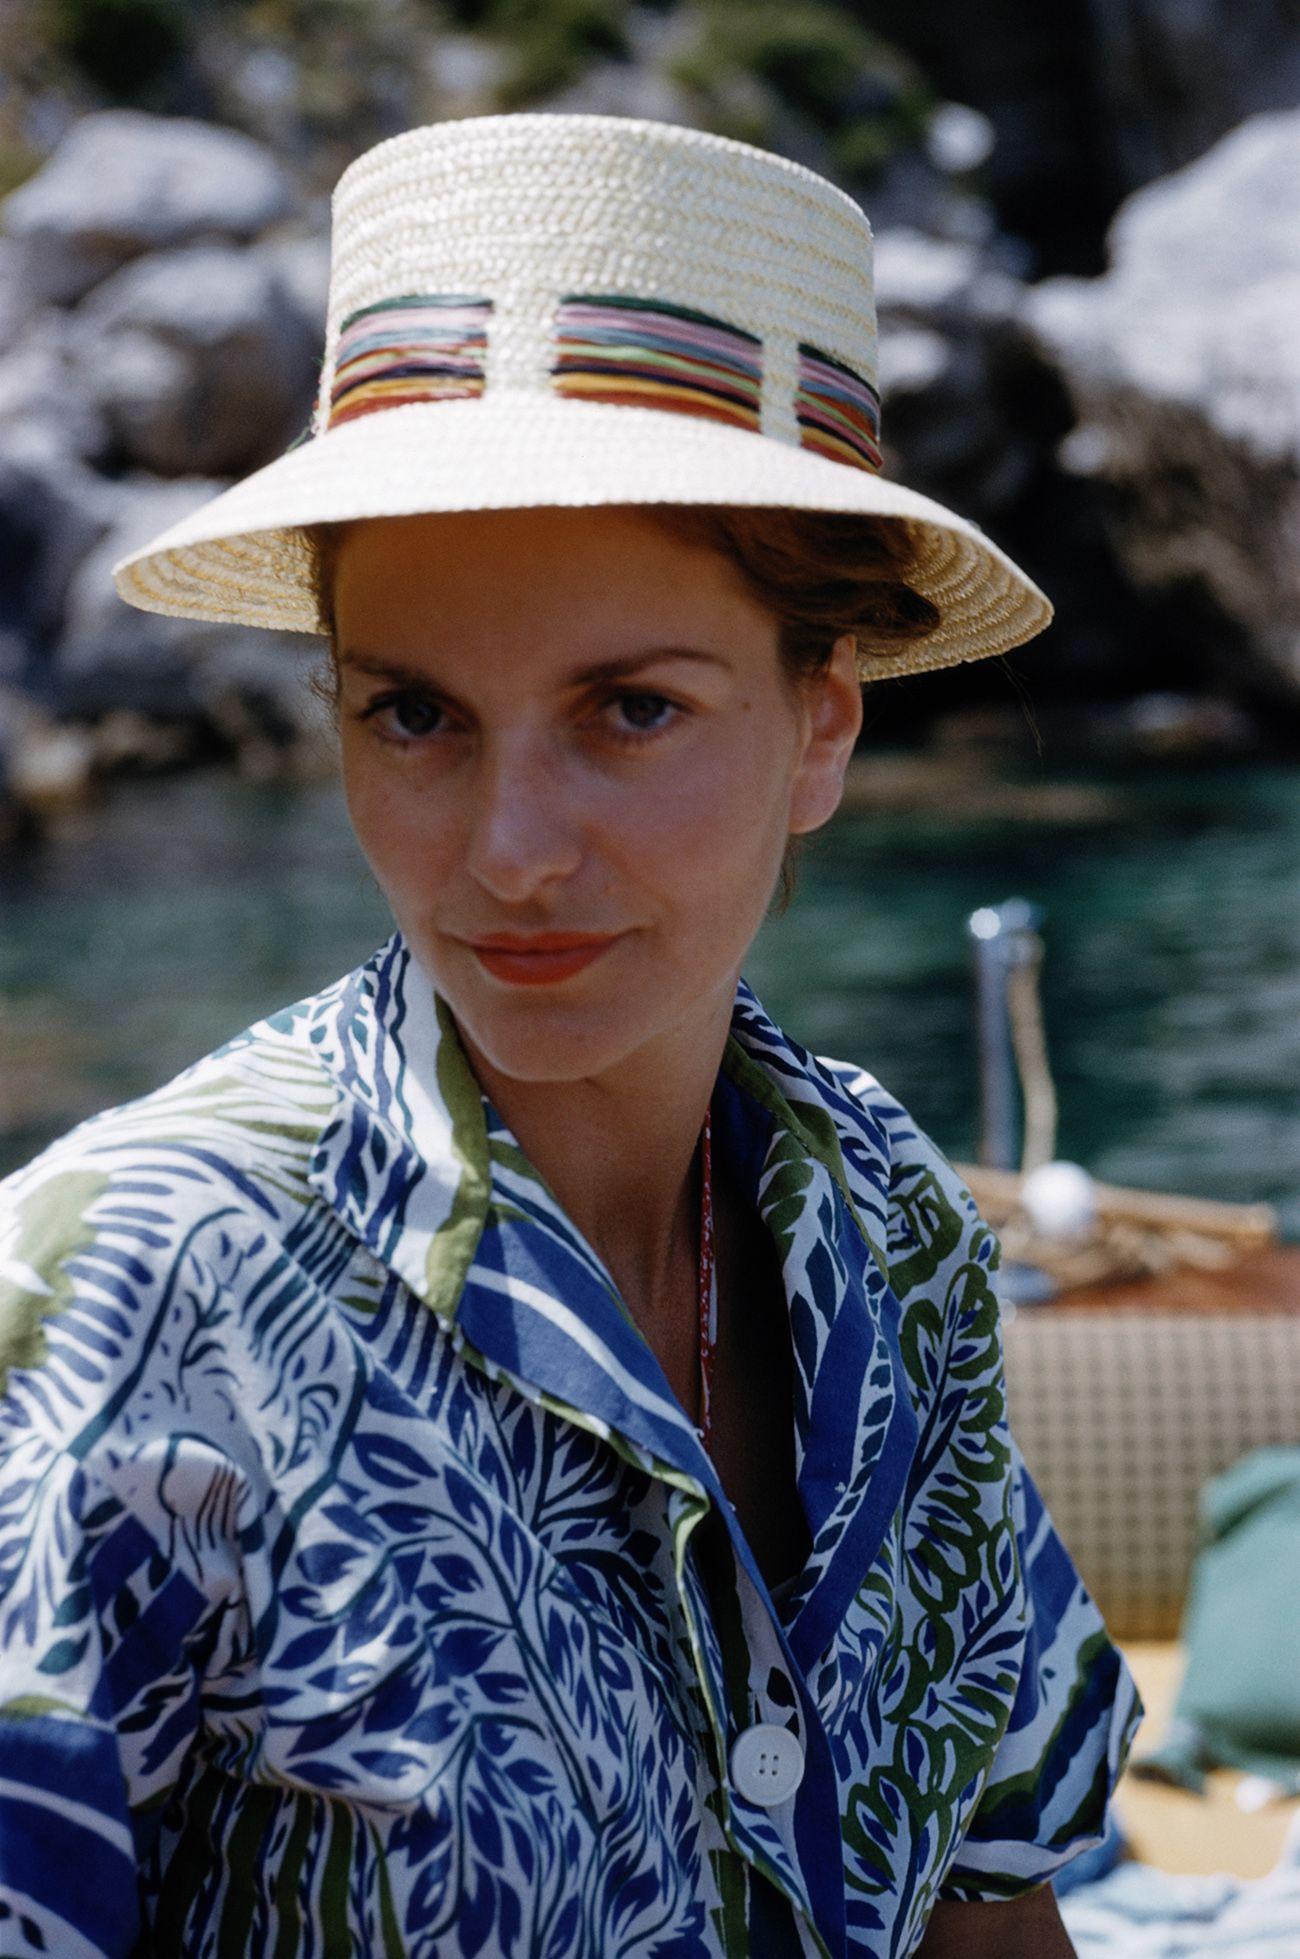 Il cappello di paglia: capolavoro di storia, artigianato e glamour